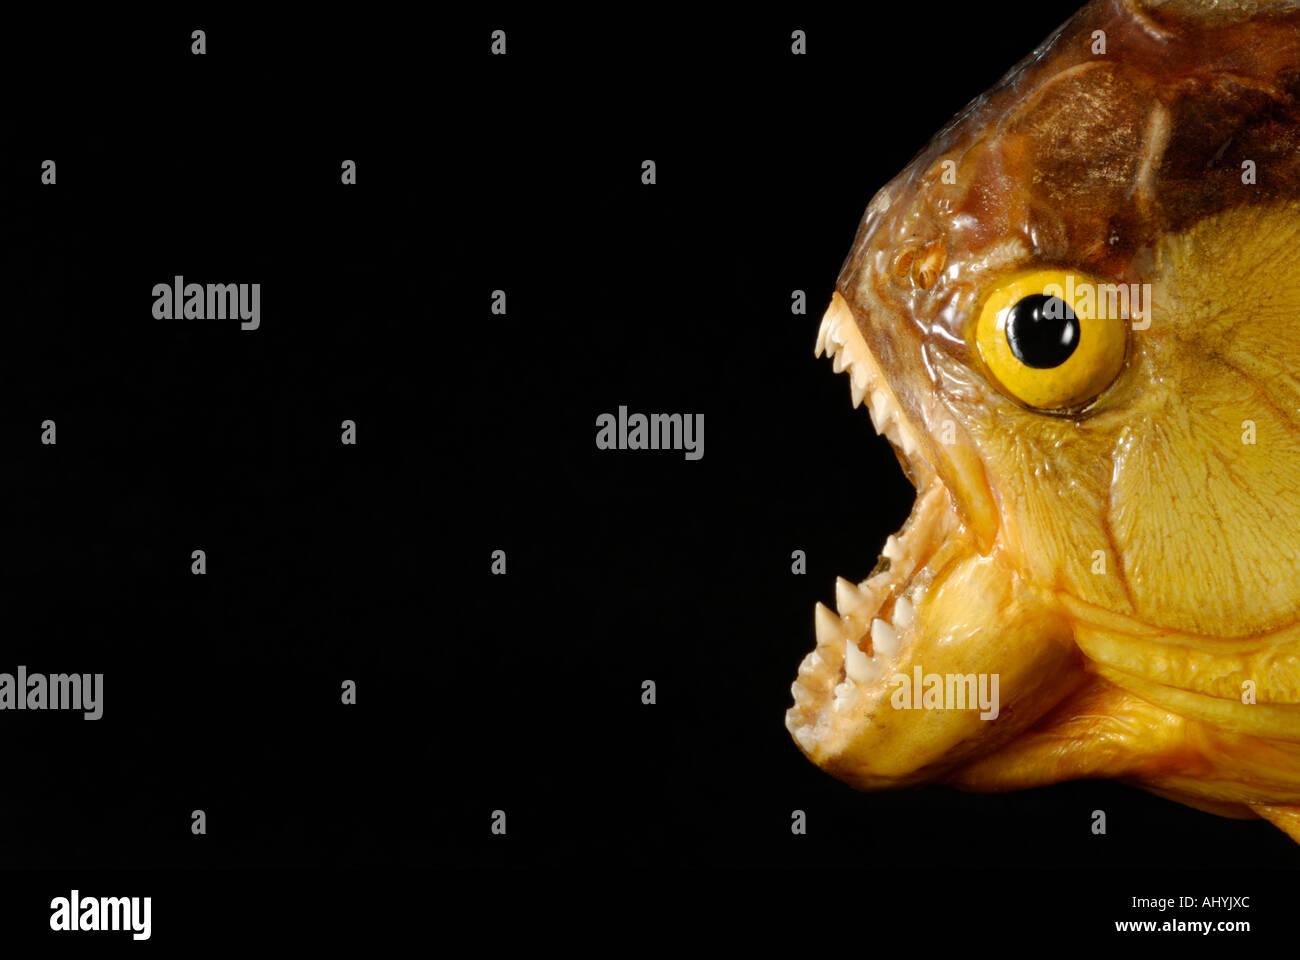 Piranha avec bouche ouverte montrant les dents contre l'arrière-plan noir Photo Stock